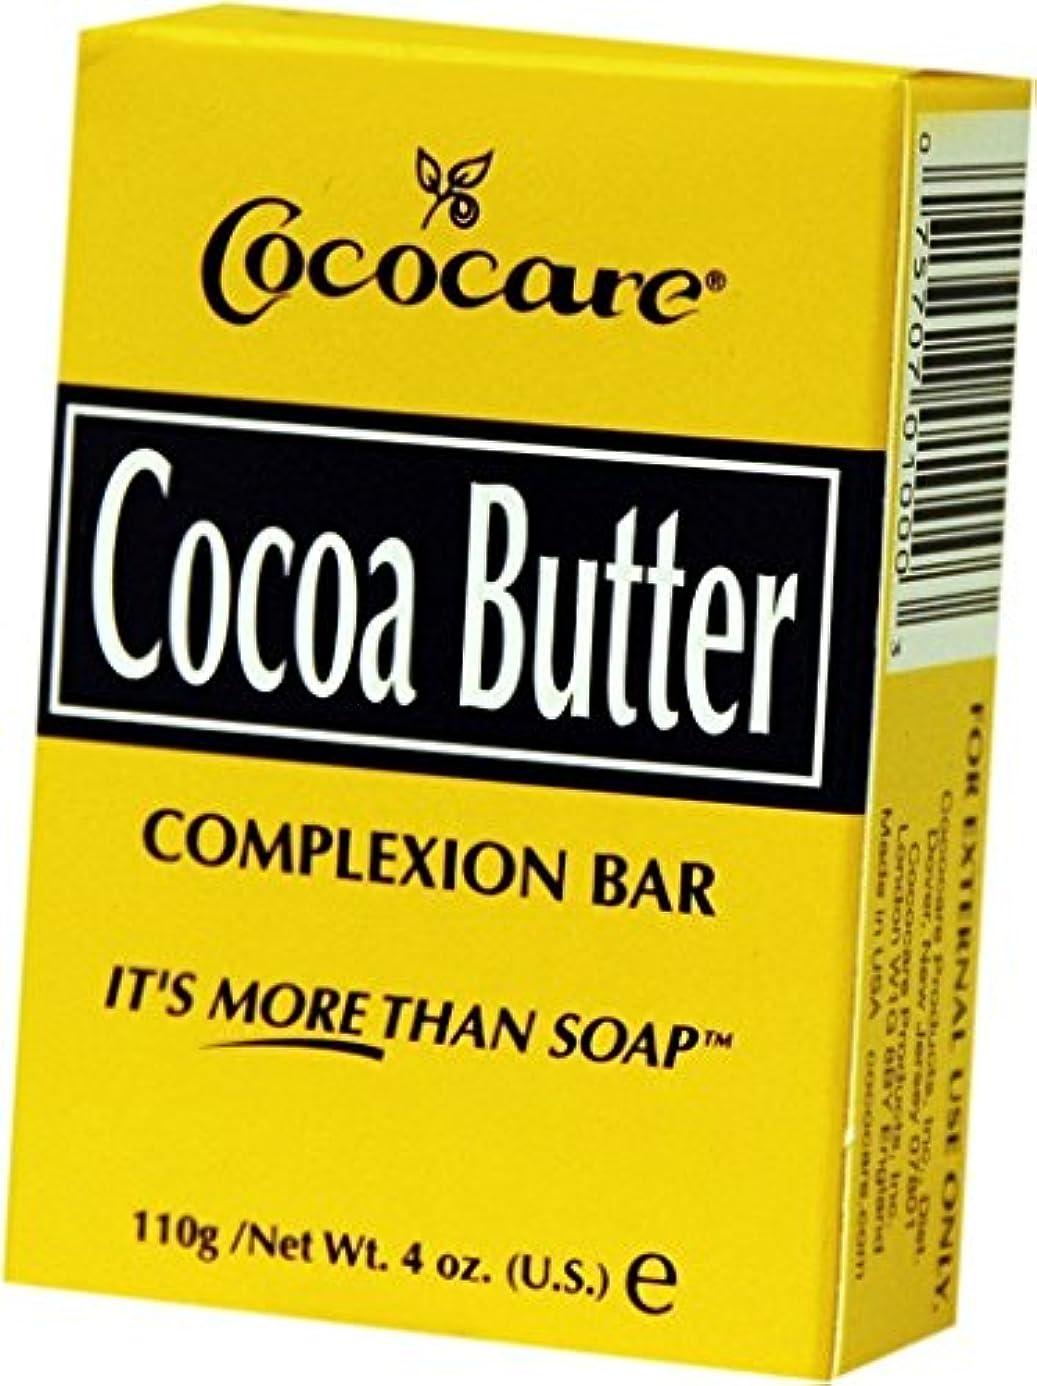 価値代替案天国Cococare, Cocoa Butter Complexion Bar, 4 oz (110 g)